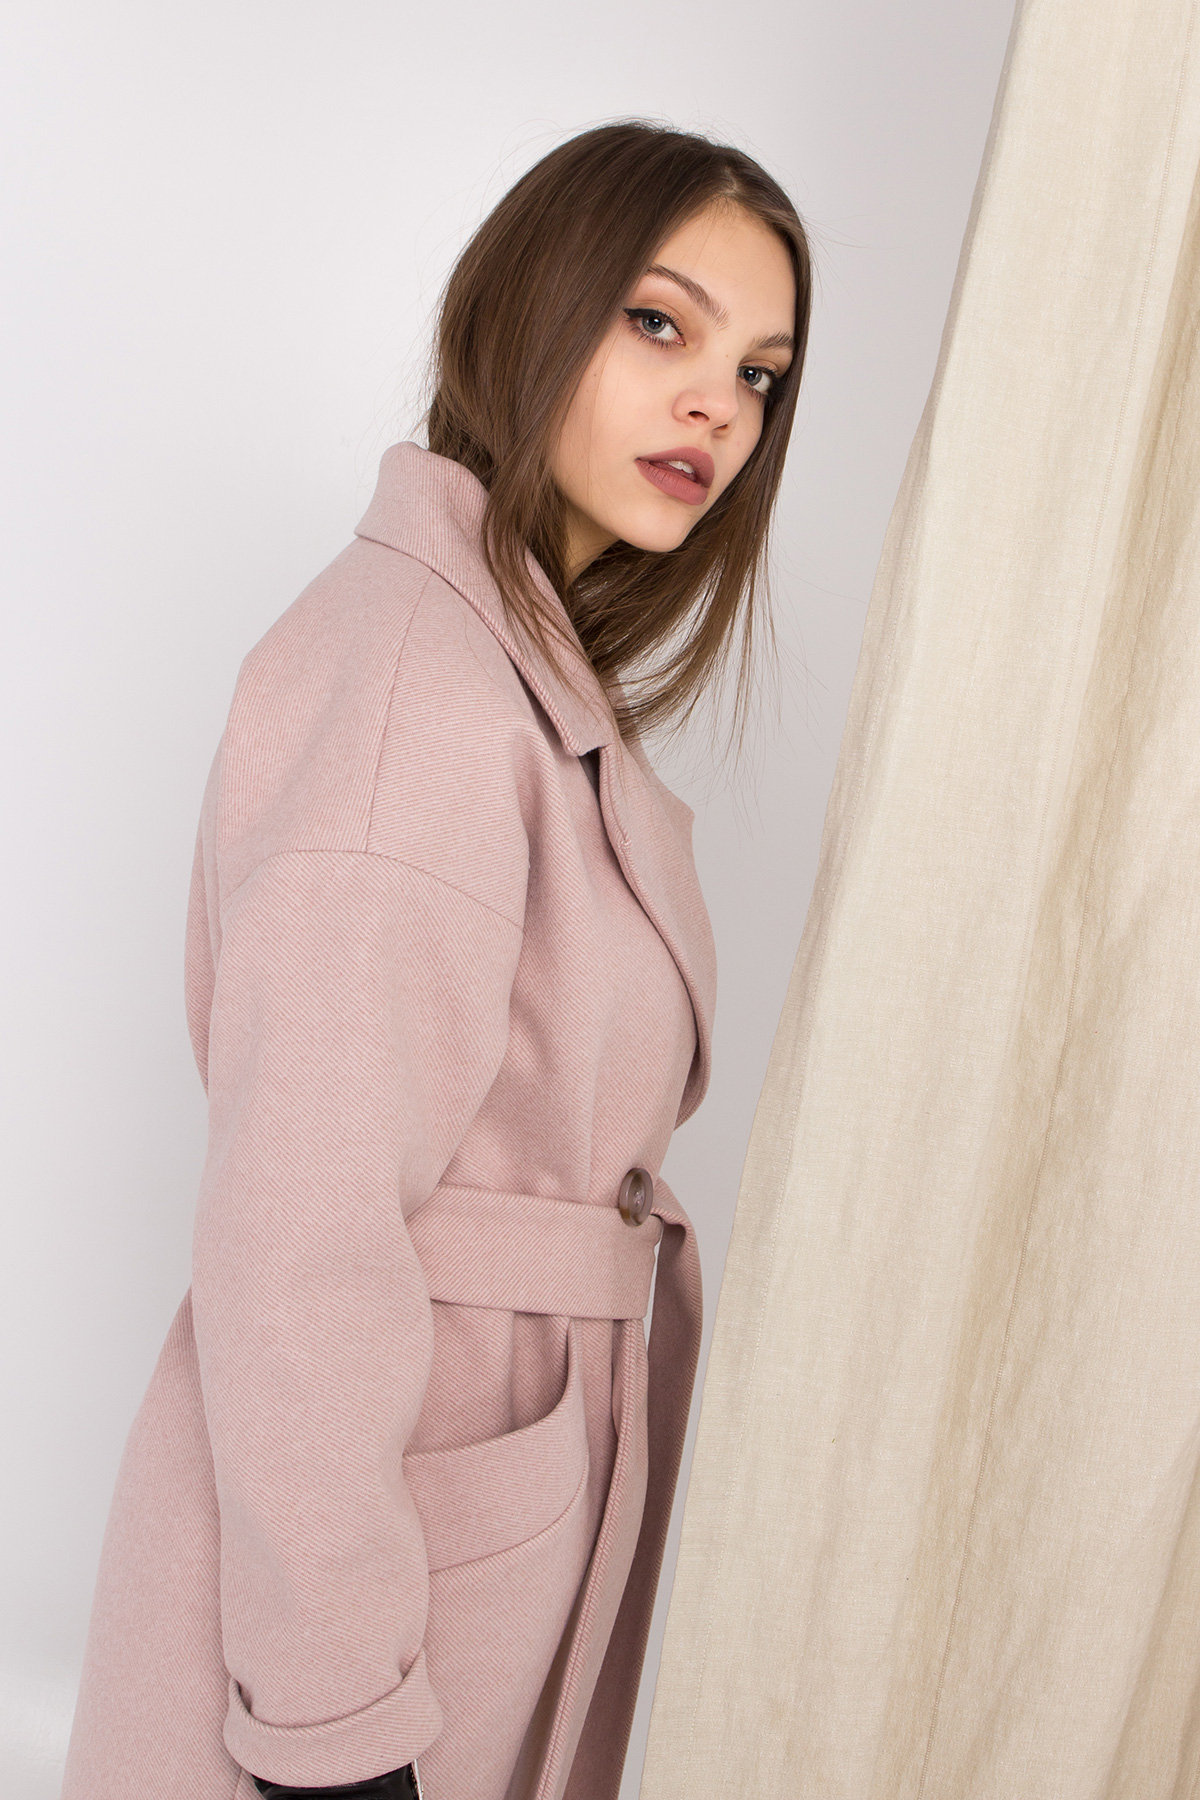 Пальто Сенсей 8907 АРТ. 45220 Цвет: Пудра - фото 4, интернет магазин tm-modus.ru